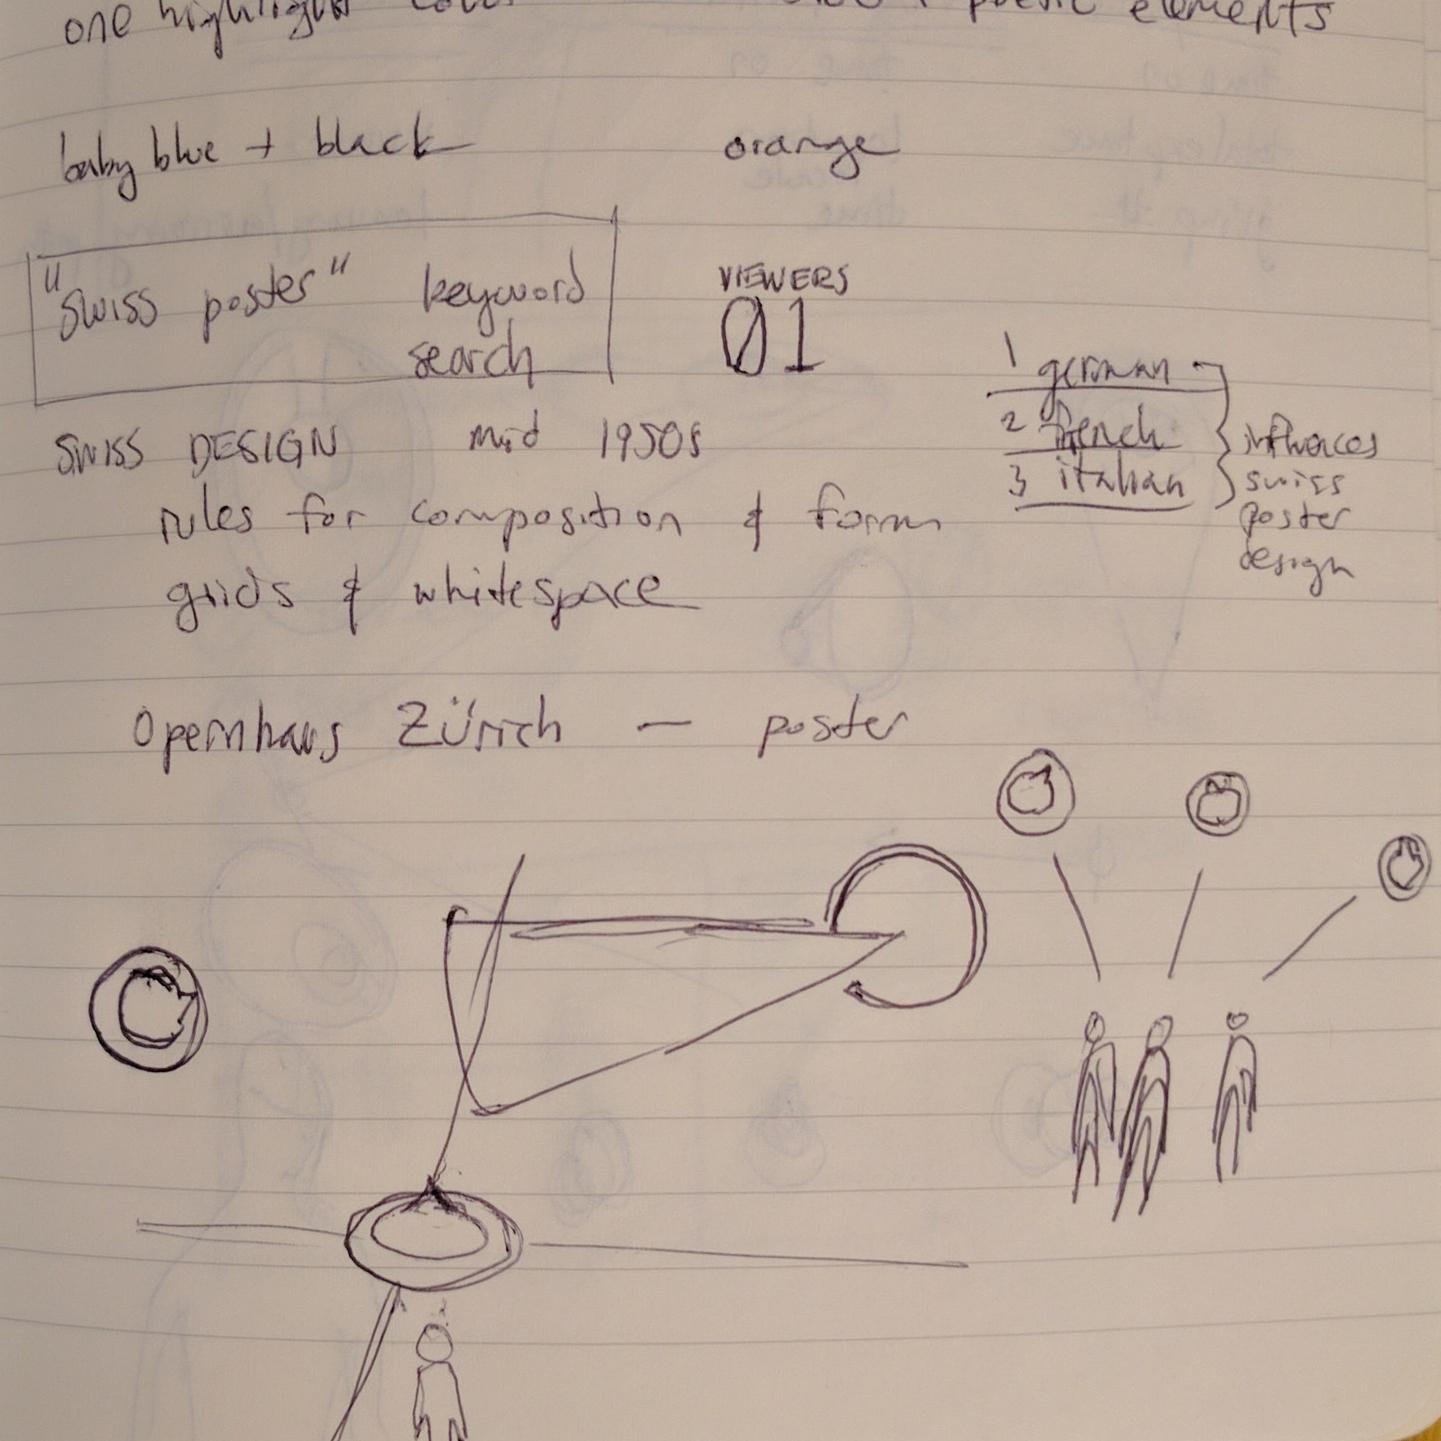 ui sketches 1.jpg